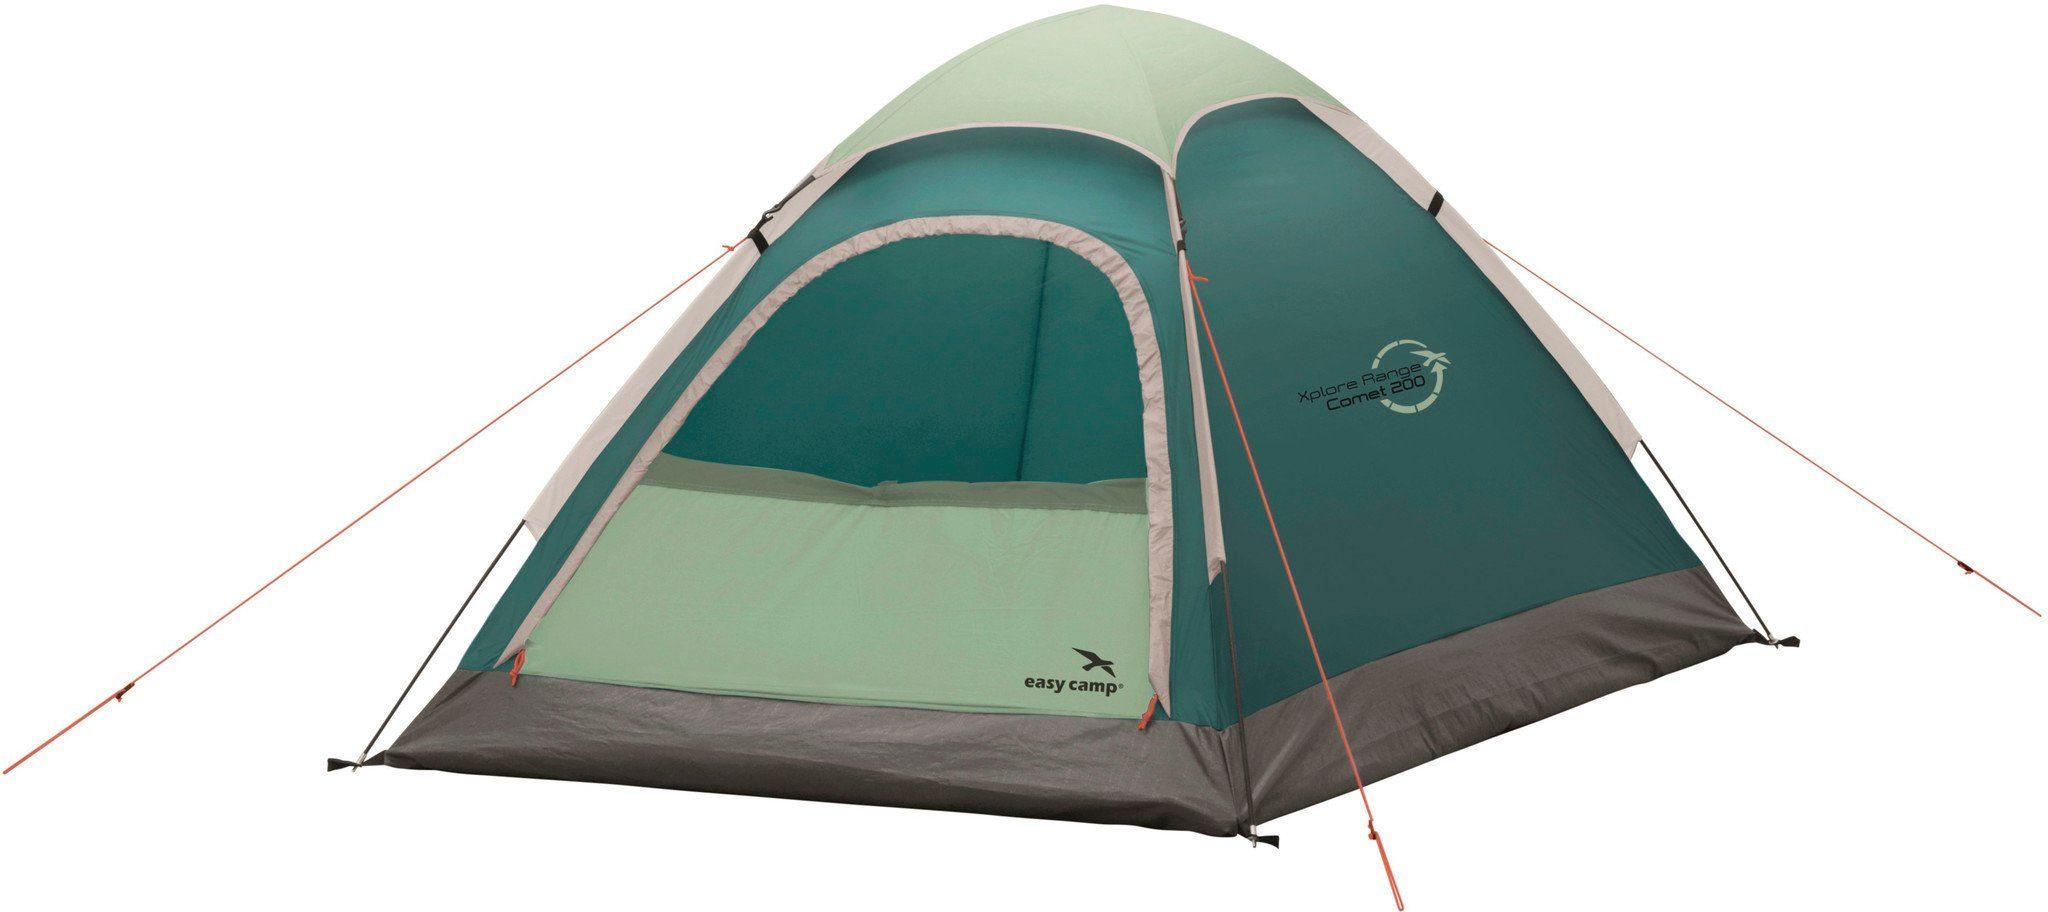 Easy Camp Zelt »Comet 200 Tent«